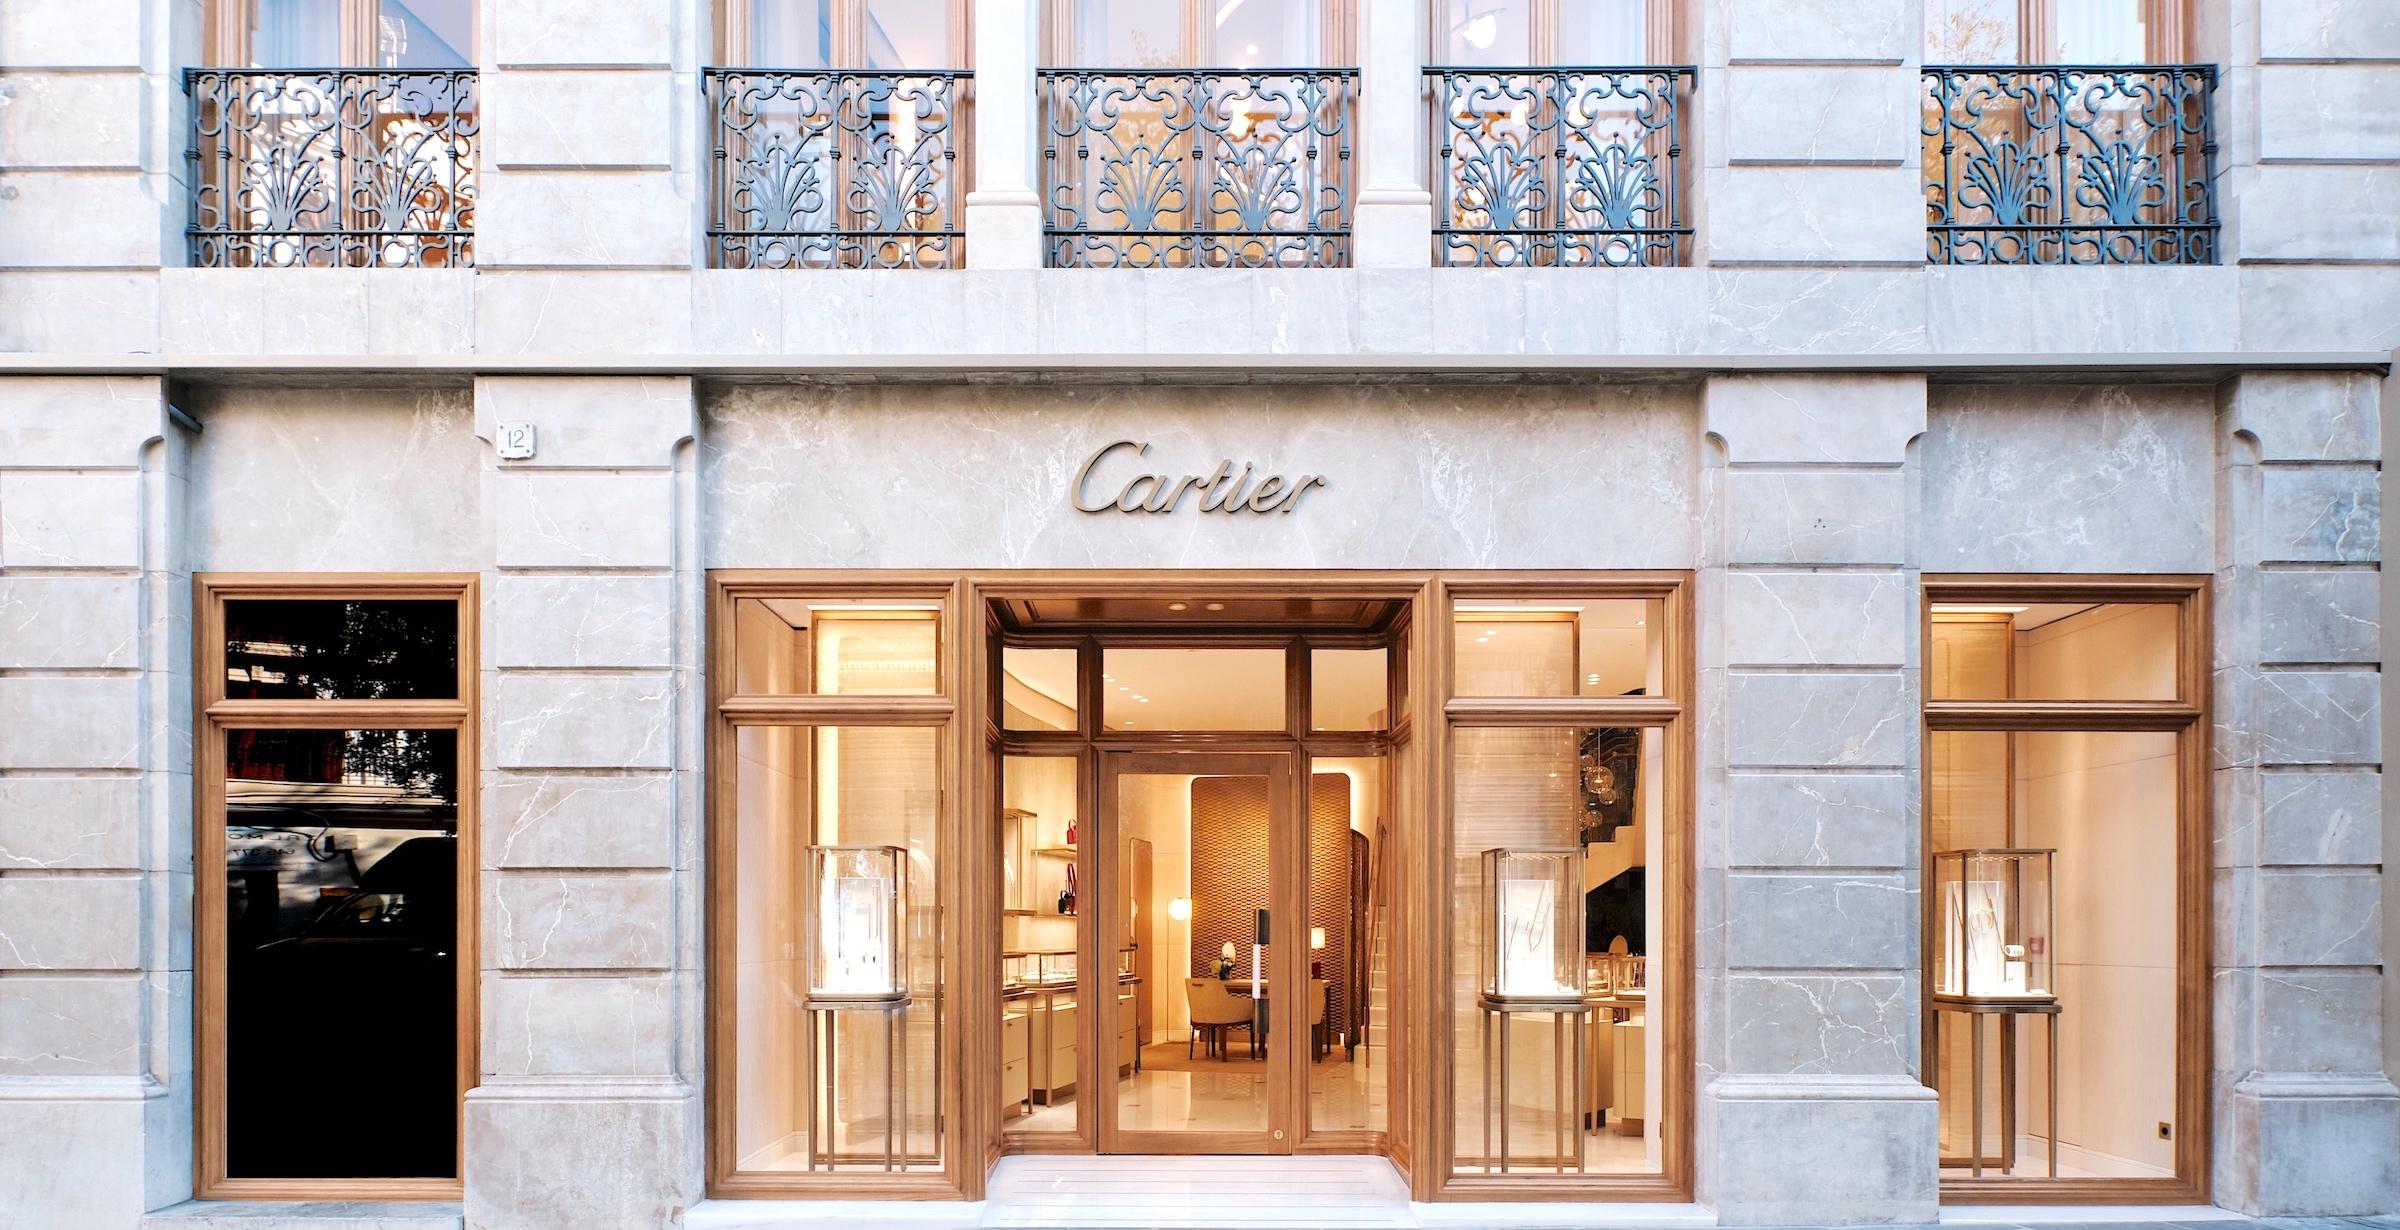 Boutique Cartier de Palma de Mallorca - cover